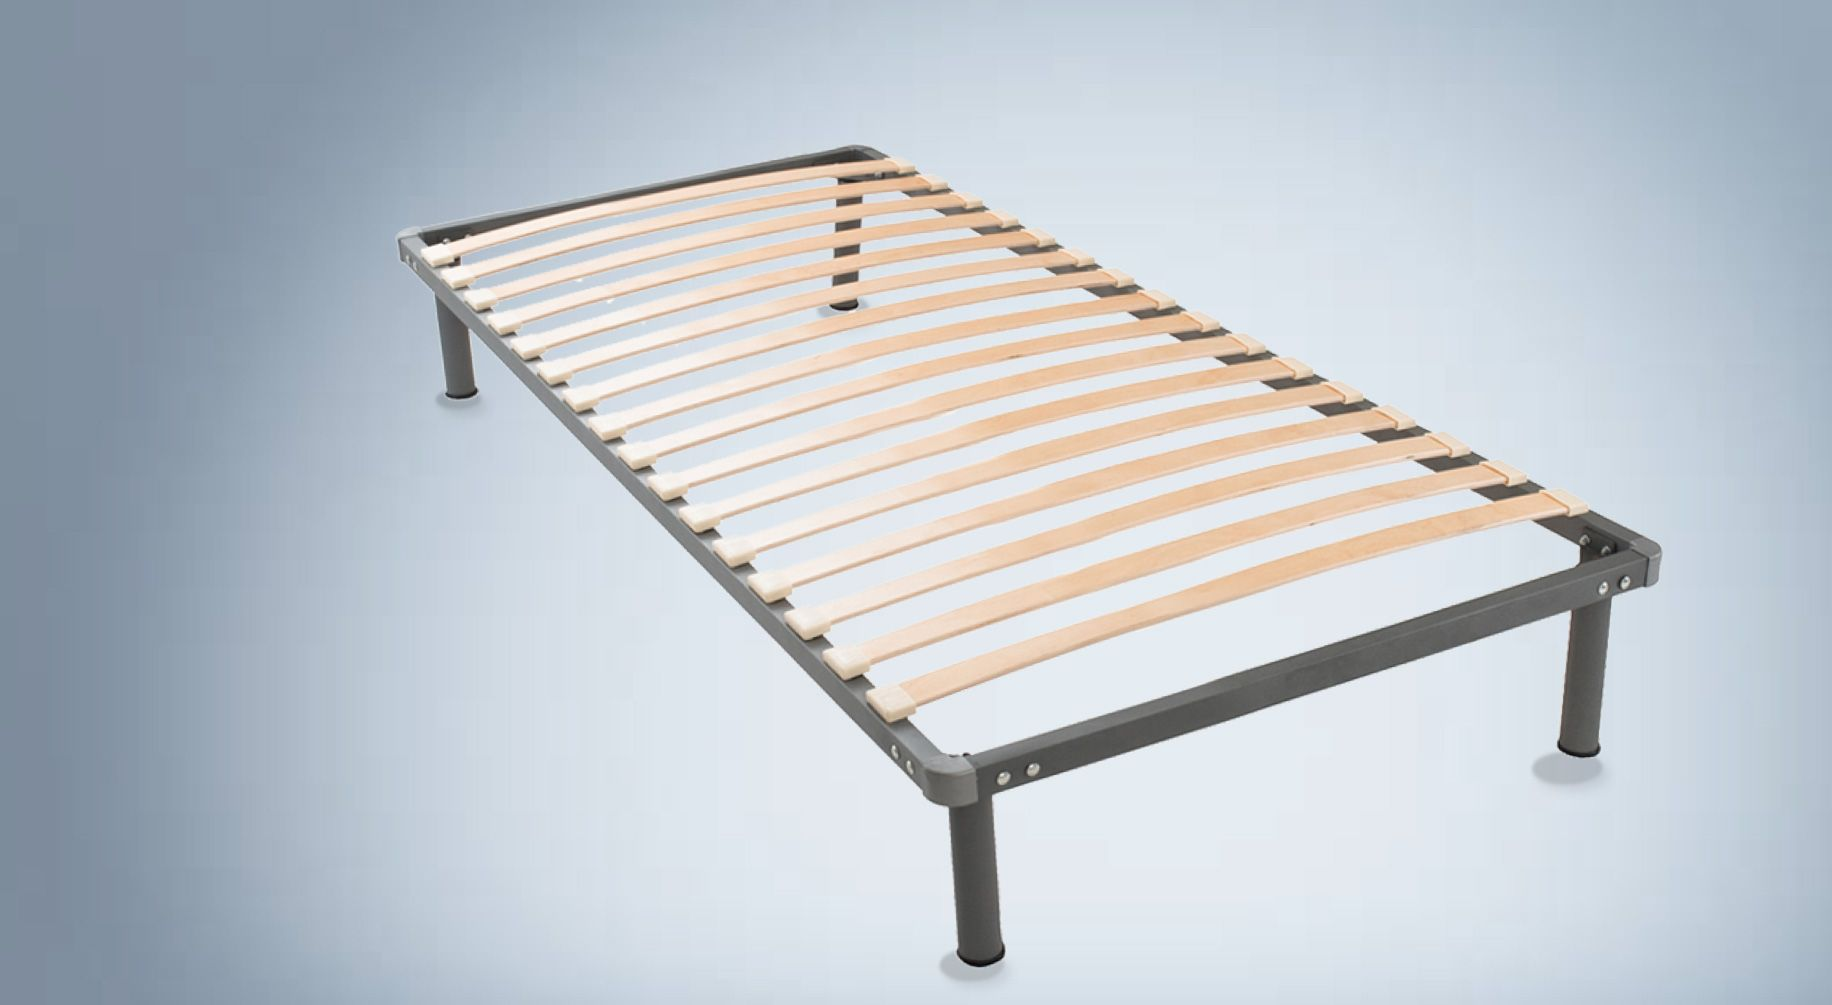 sommier en acier 80x190 ideal mobili. Black Bedroom Furniture Sets. Home Design Ideas